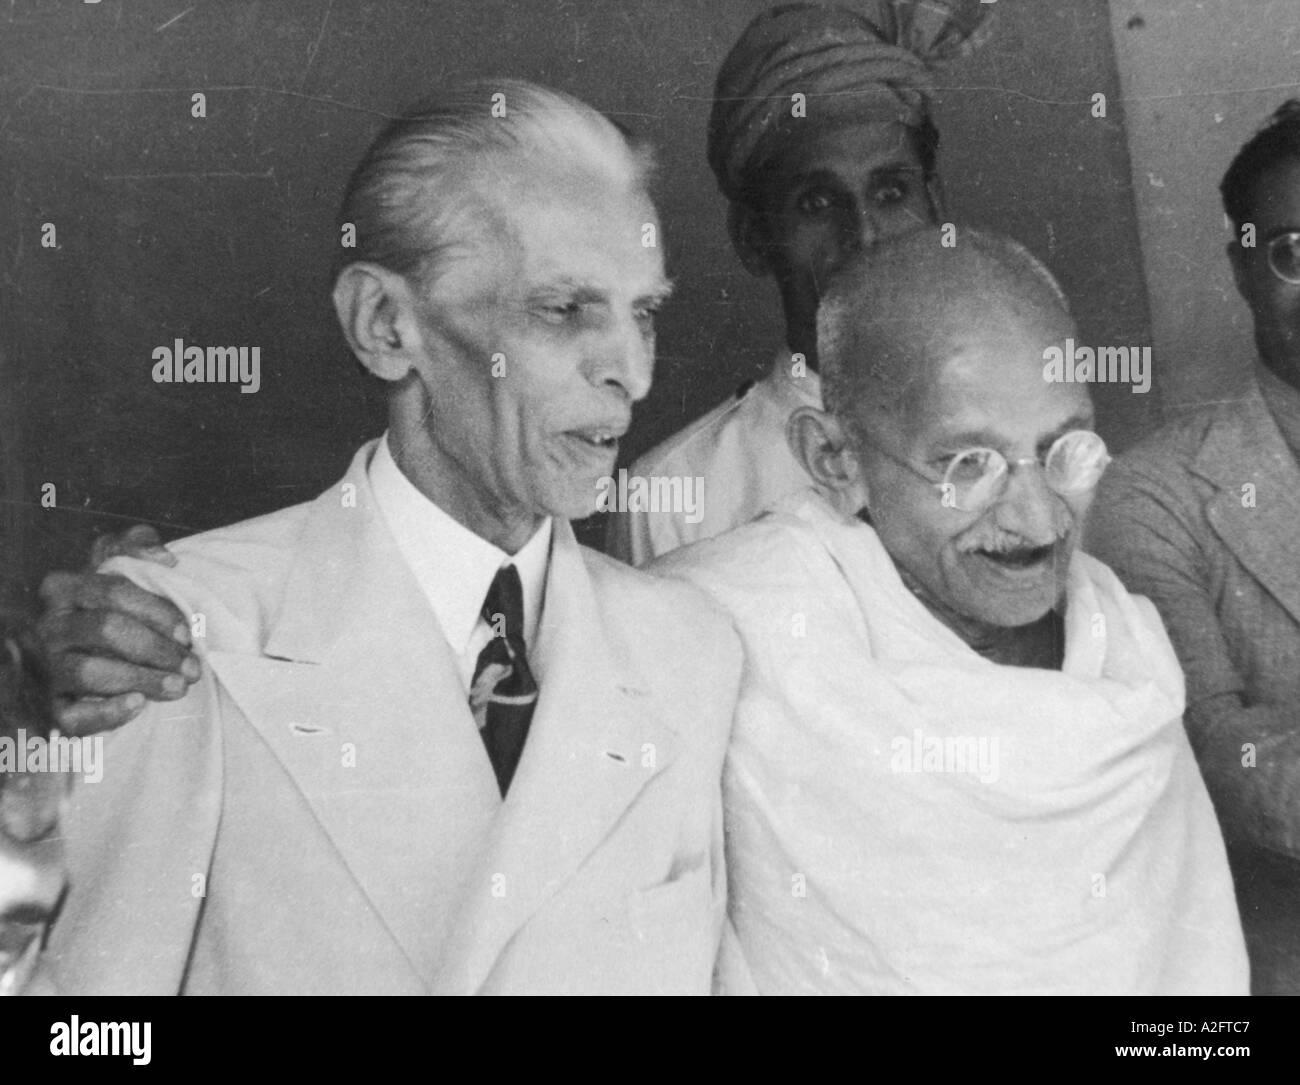 Mkg 33182 - Il Mahatma Gandhi parlando con bracci intorno Muhammed Ali Jinnah in tuta tie standing Mumbai Bombay in India - 9 settembre 1944 Immagini Stock